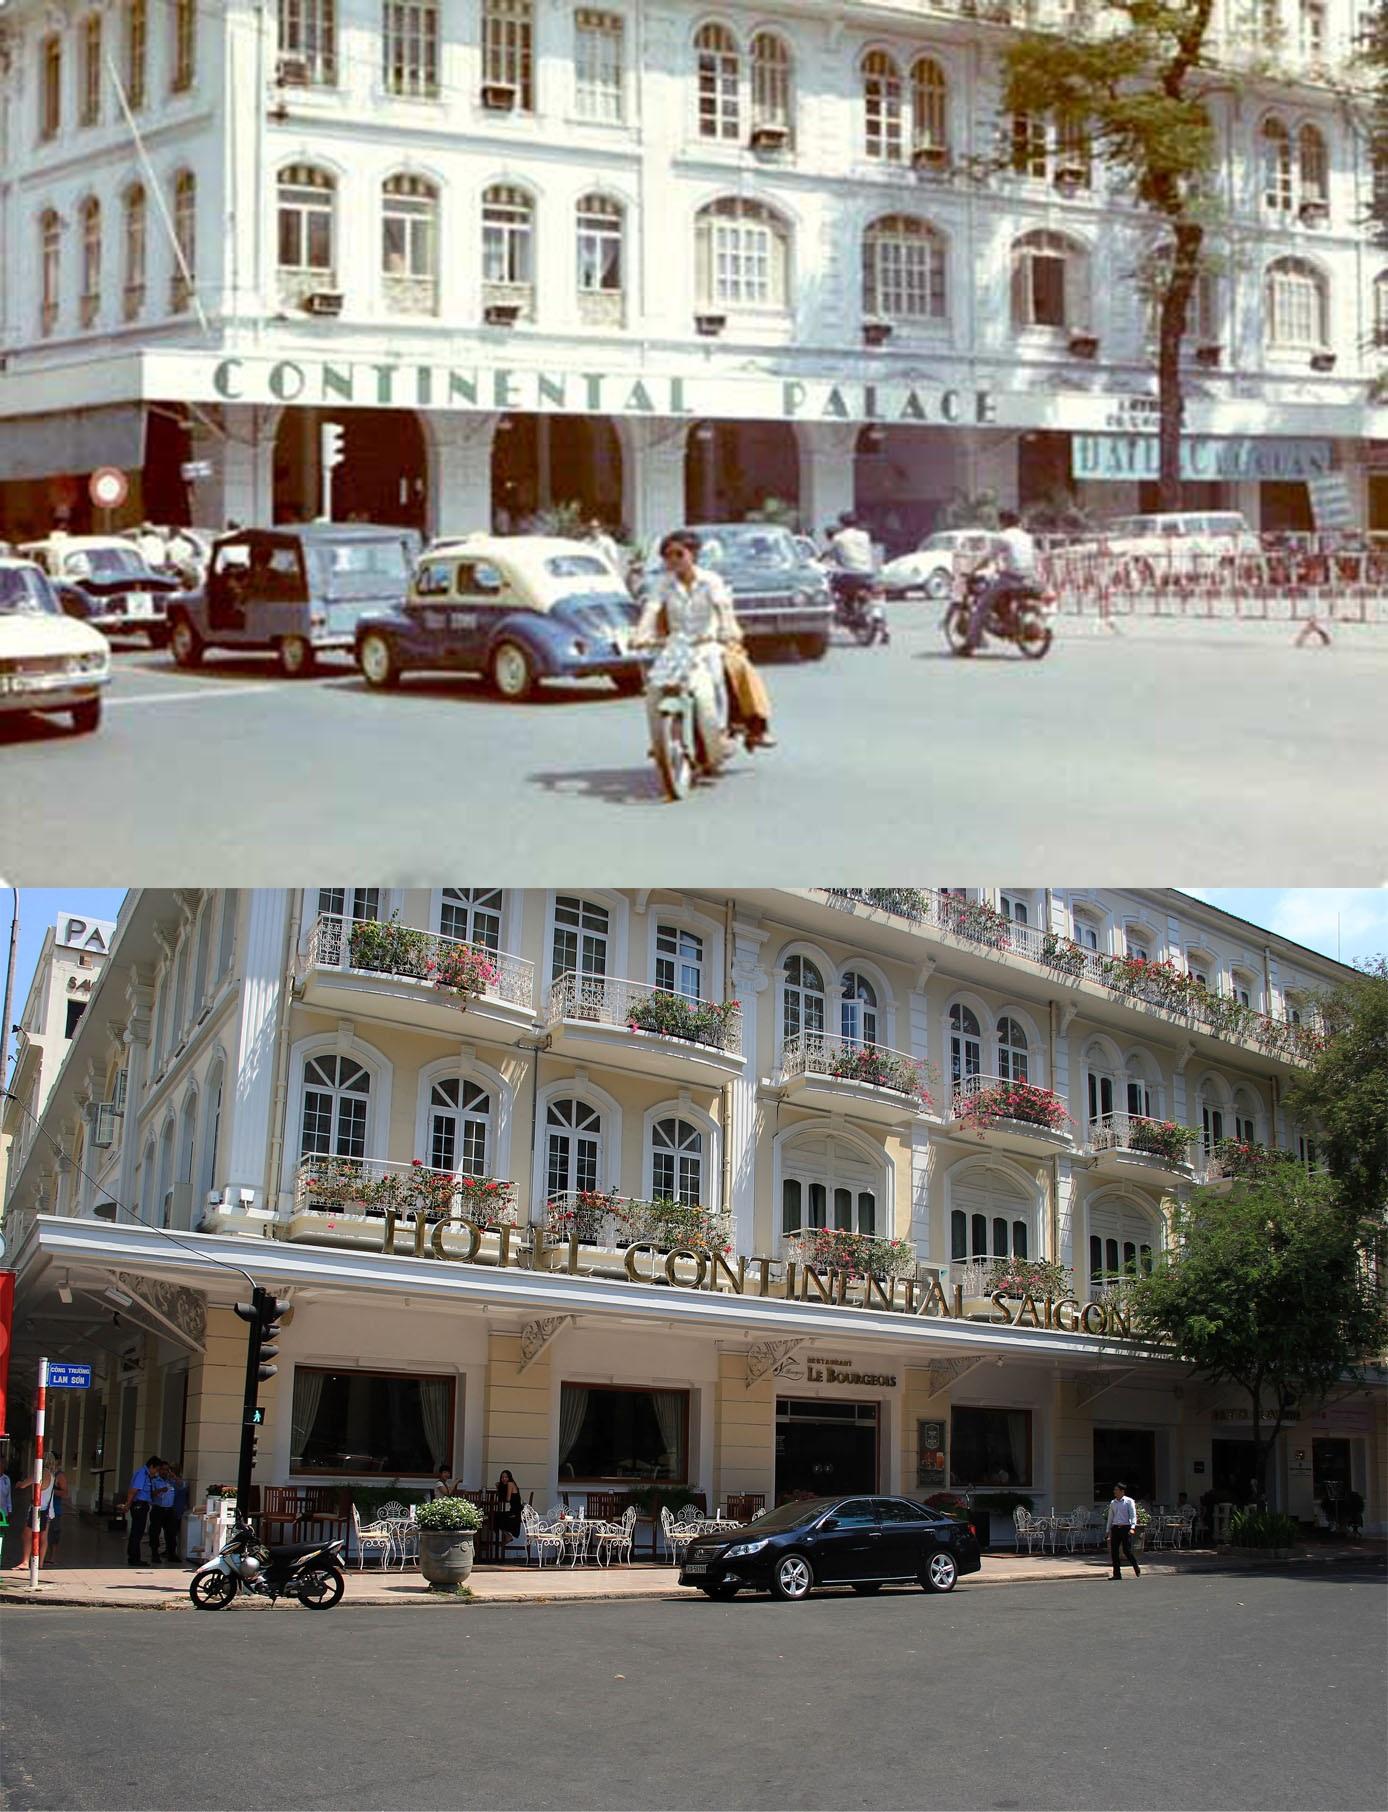 Khách sạn Continental là khách sạn cổ nhất của Sài Gòn, được xây dựng từ năm 1880, đến nay đã gần 140 tuổi. Đây cũng là 1 trong những công trình xưa hiếm hoi còn tồn tại trên đường Đồng Khởi.